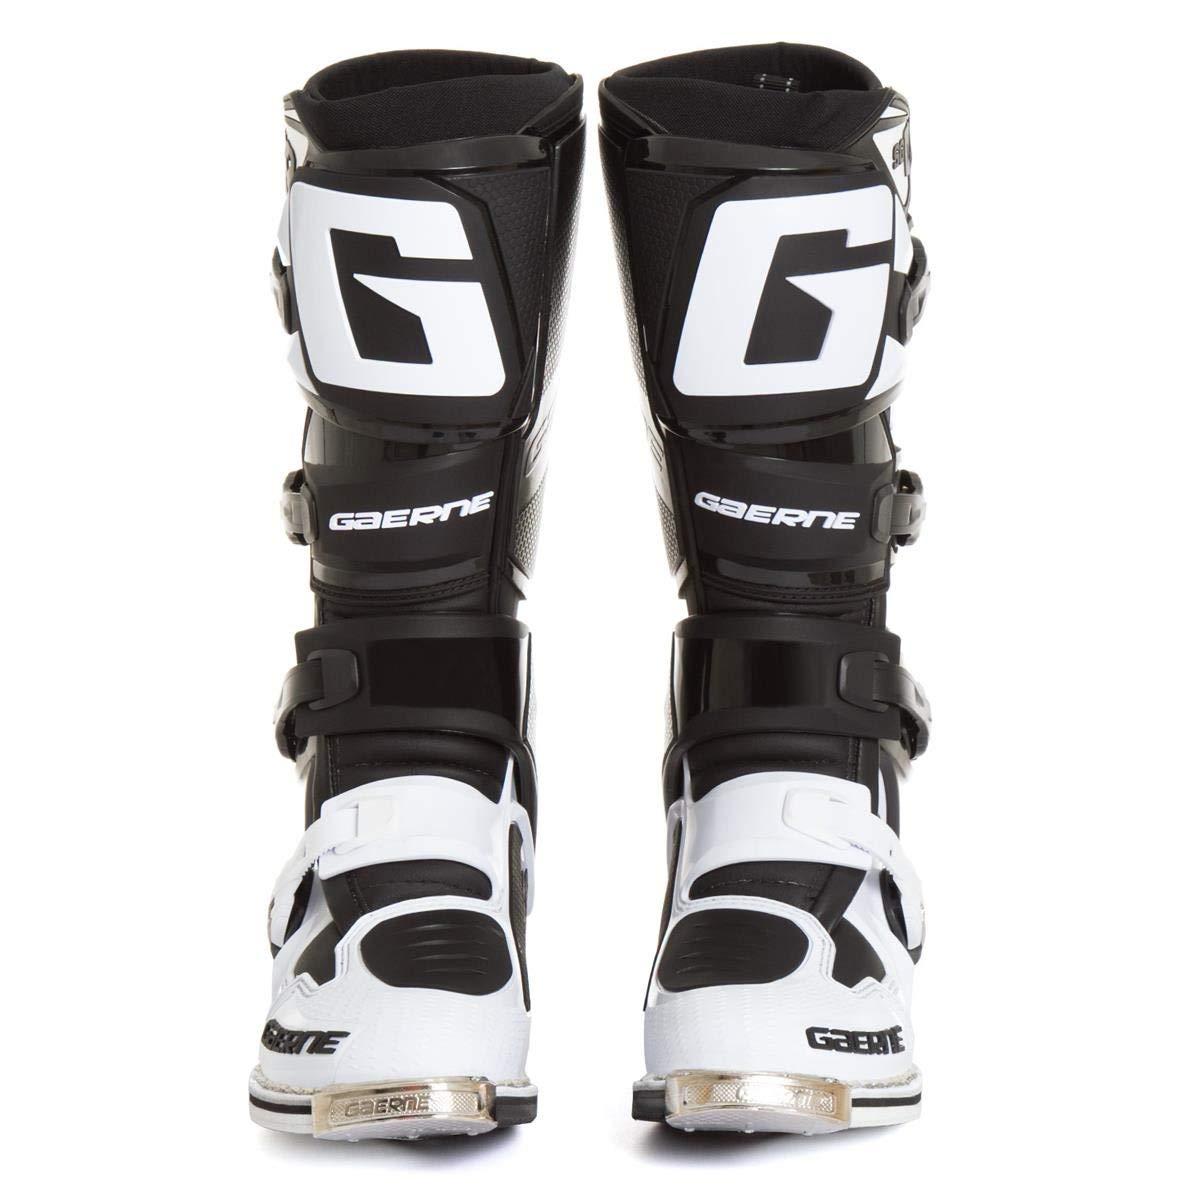 Gaerne Motocross-Stiefel SG 12 Wei/ß//Schwarz